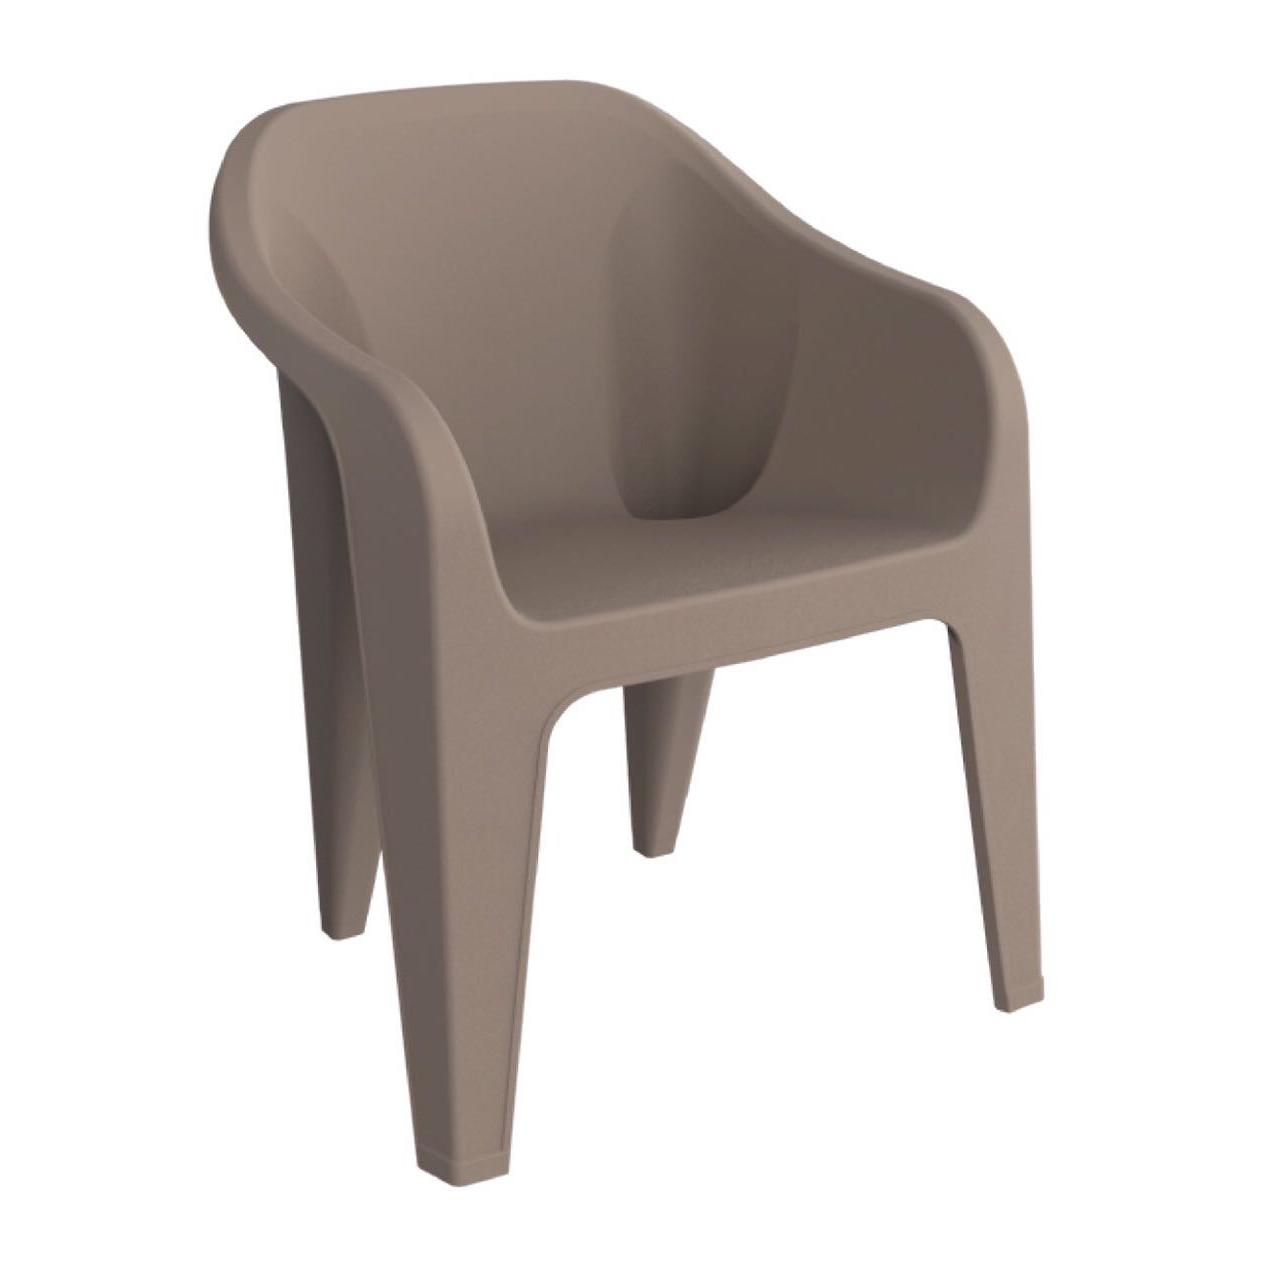 Grupo meta soluciones de limpieza muebles y oficina for Muebles elefante